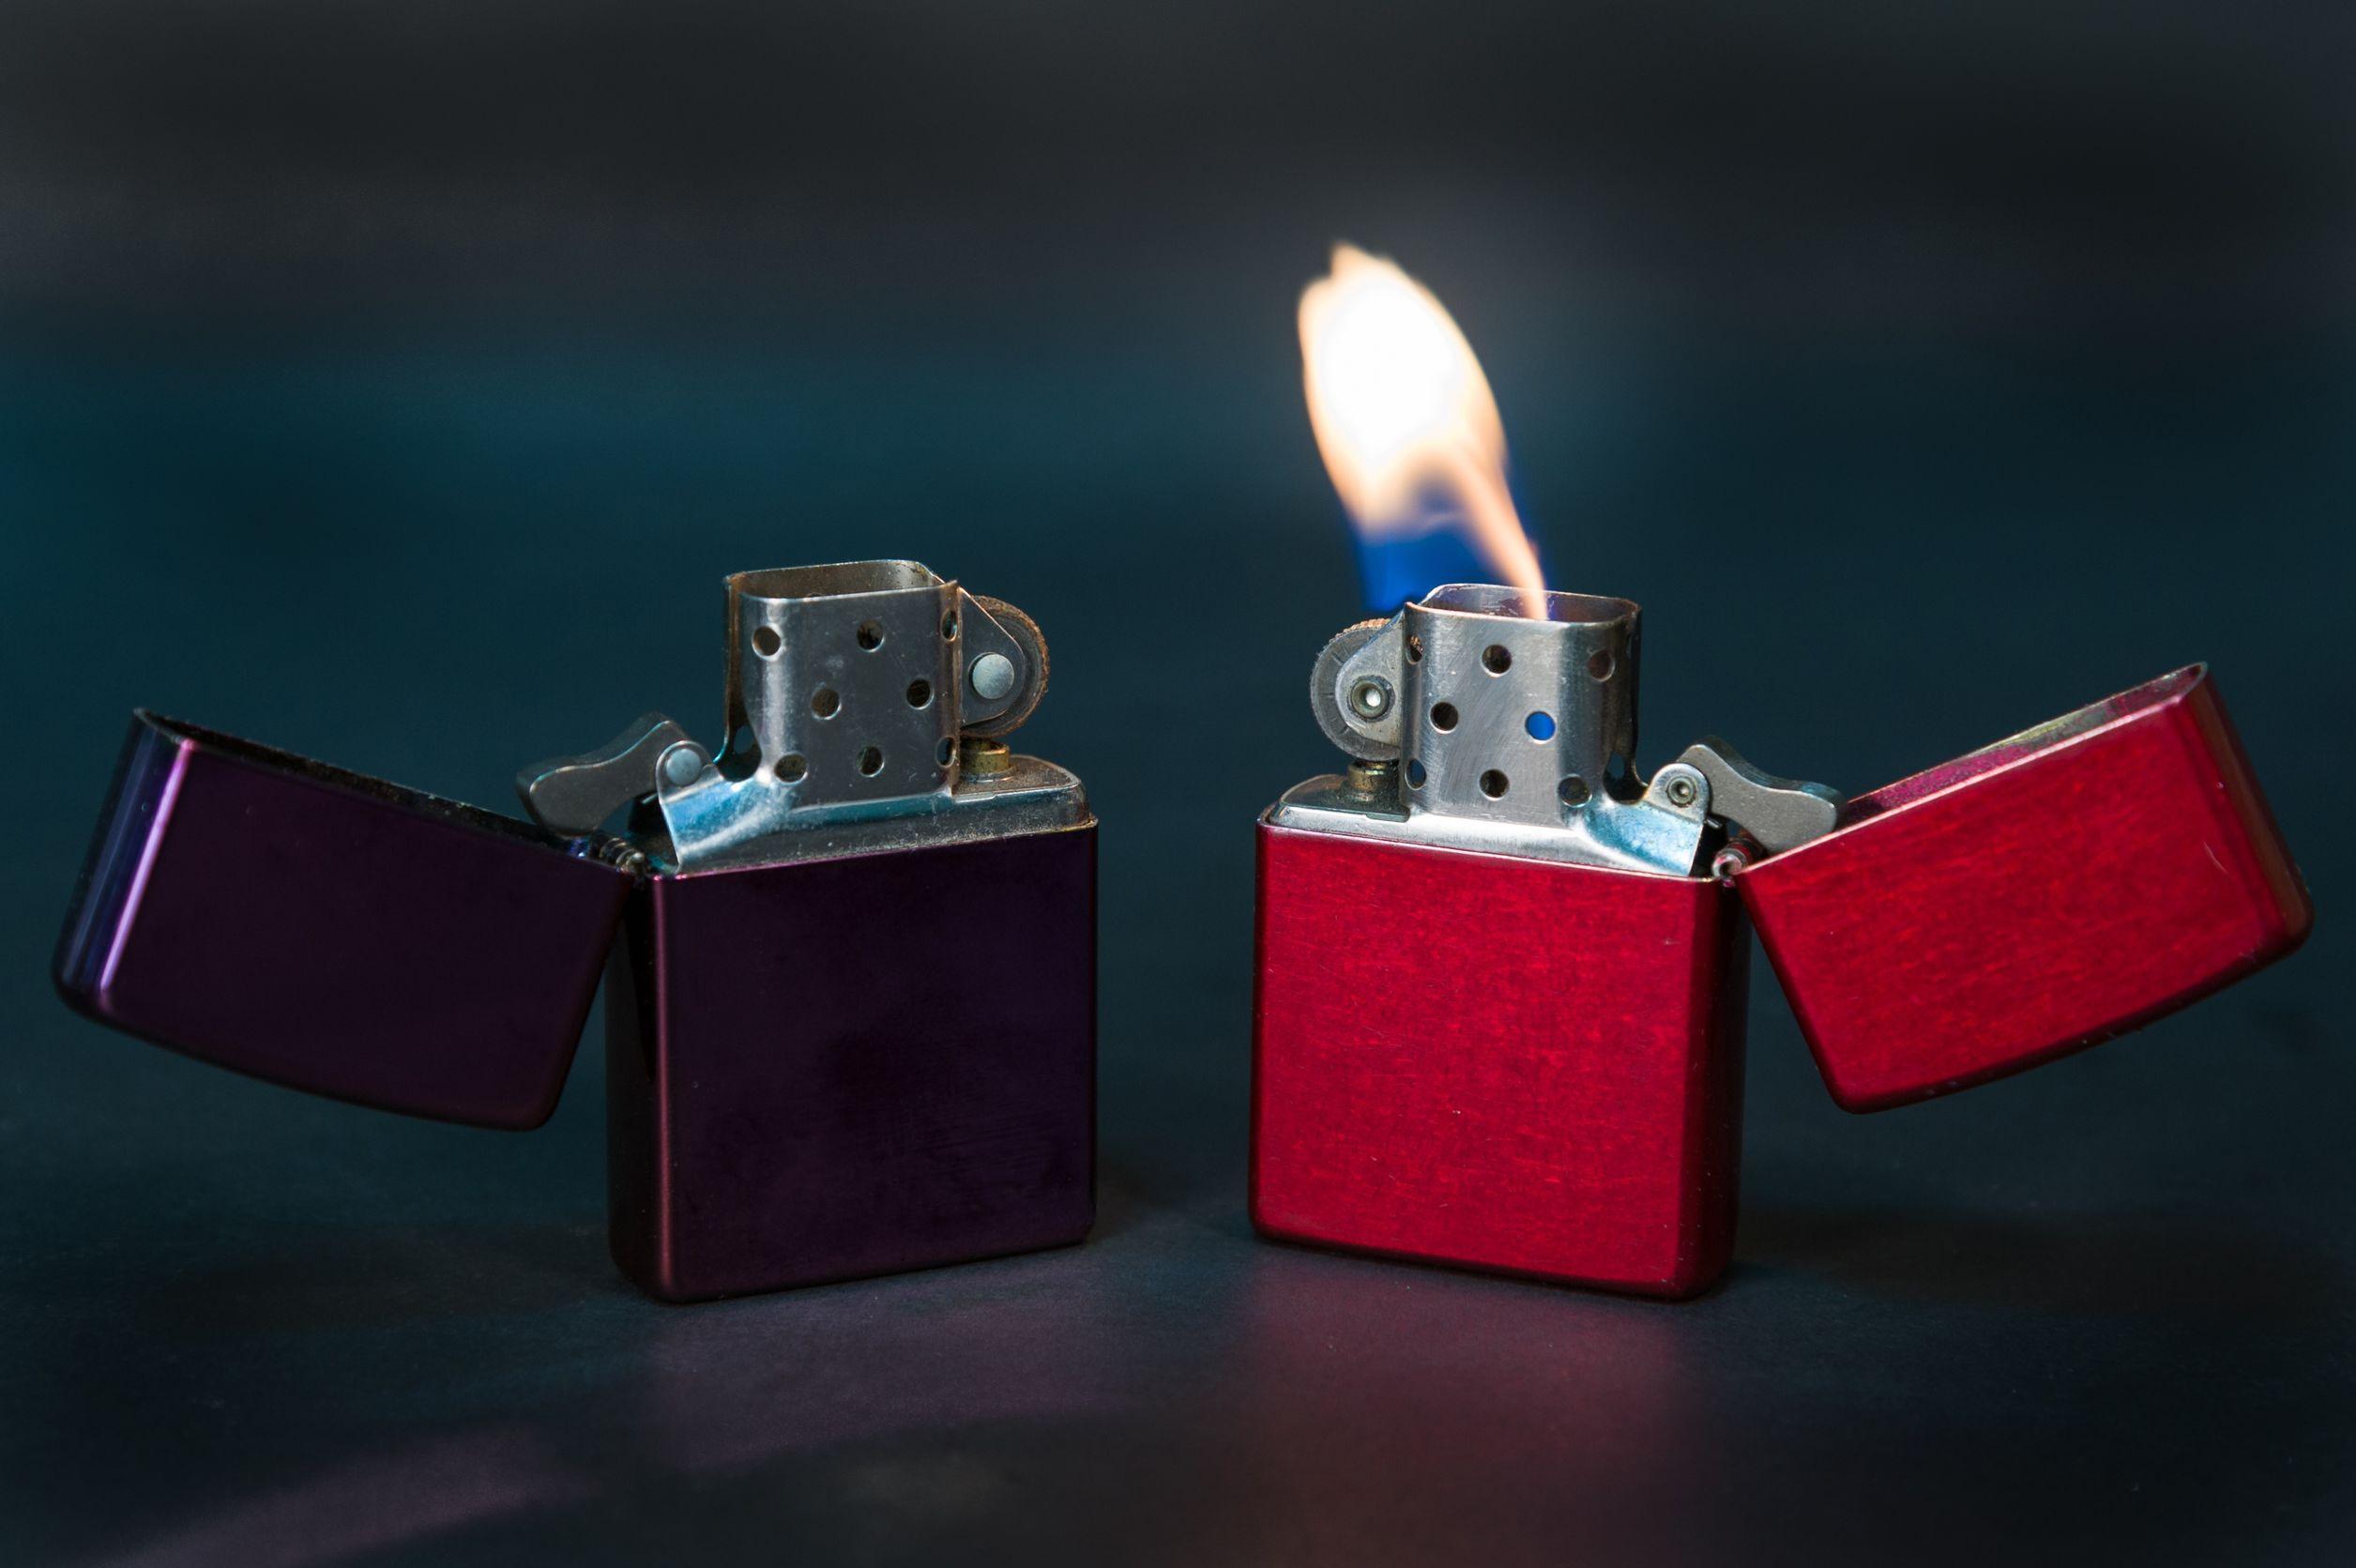 Lichtbogen Feuerzeug: Test & Empfehlungen (11/20)